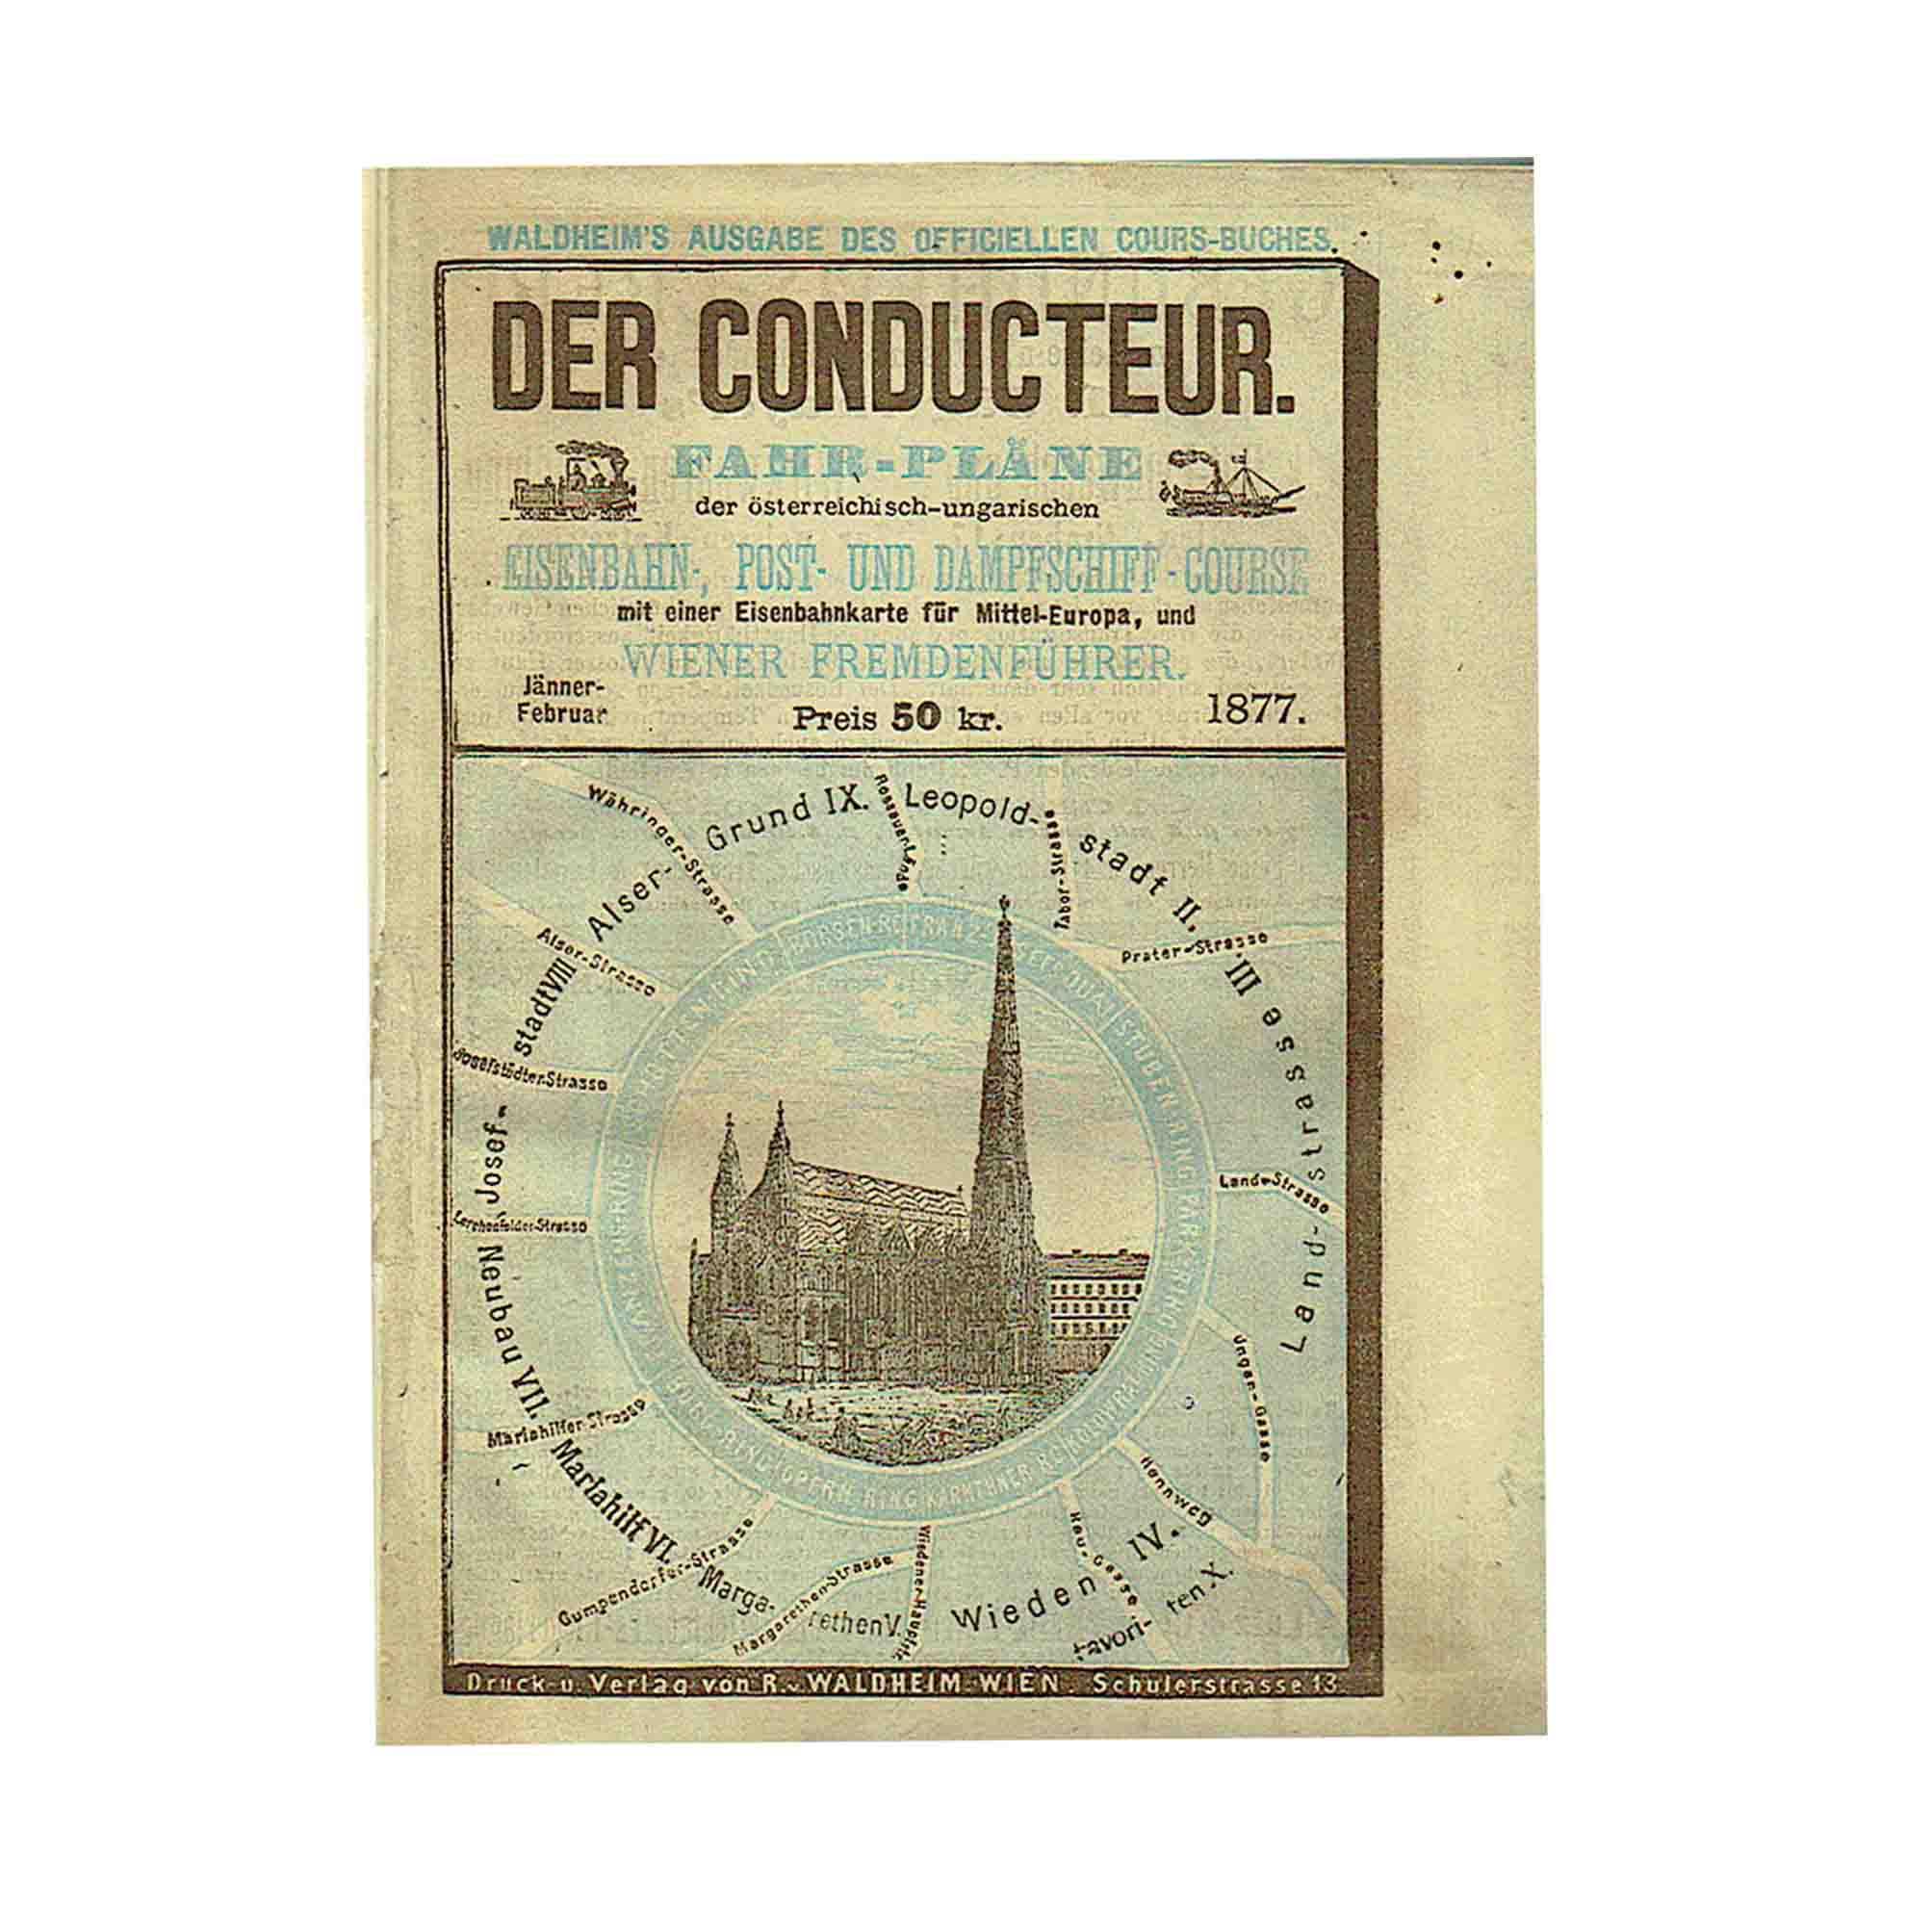 5628-Conducteur-Fahrplan-Eisenbahn-1877-N.jpg